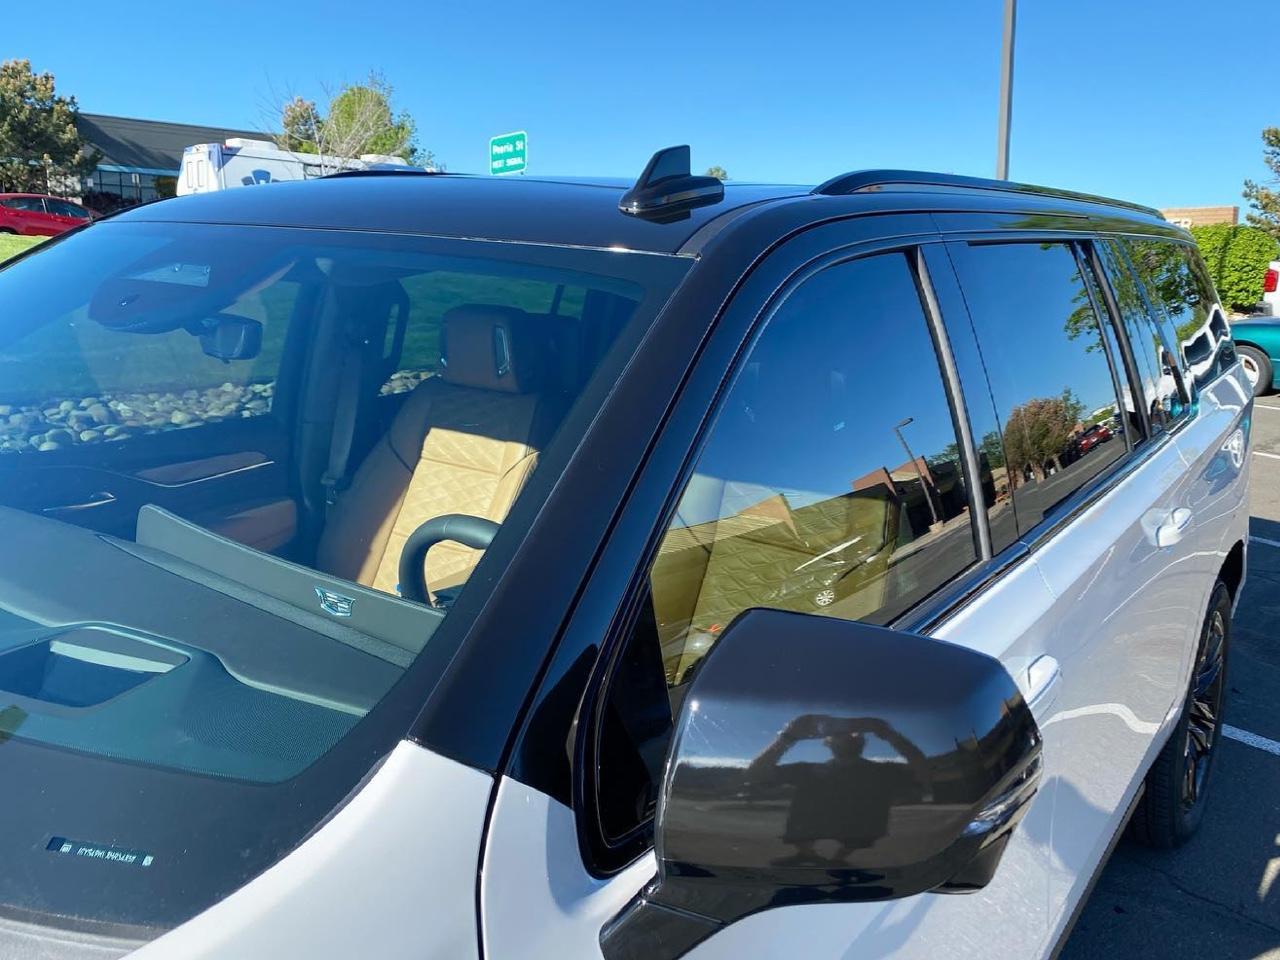 Cadillac Escalade vinyl wraps top